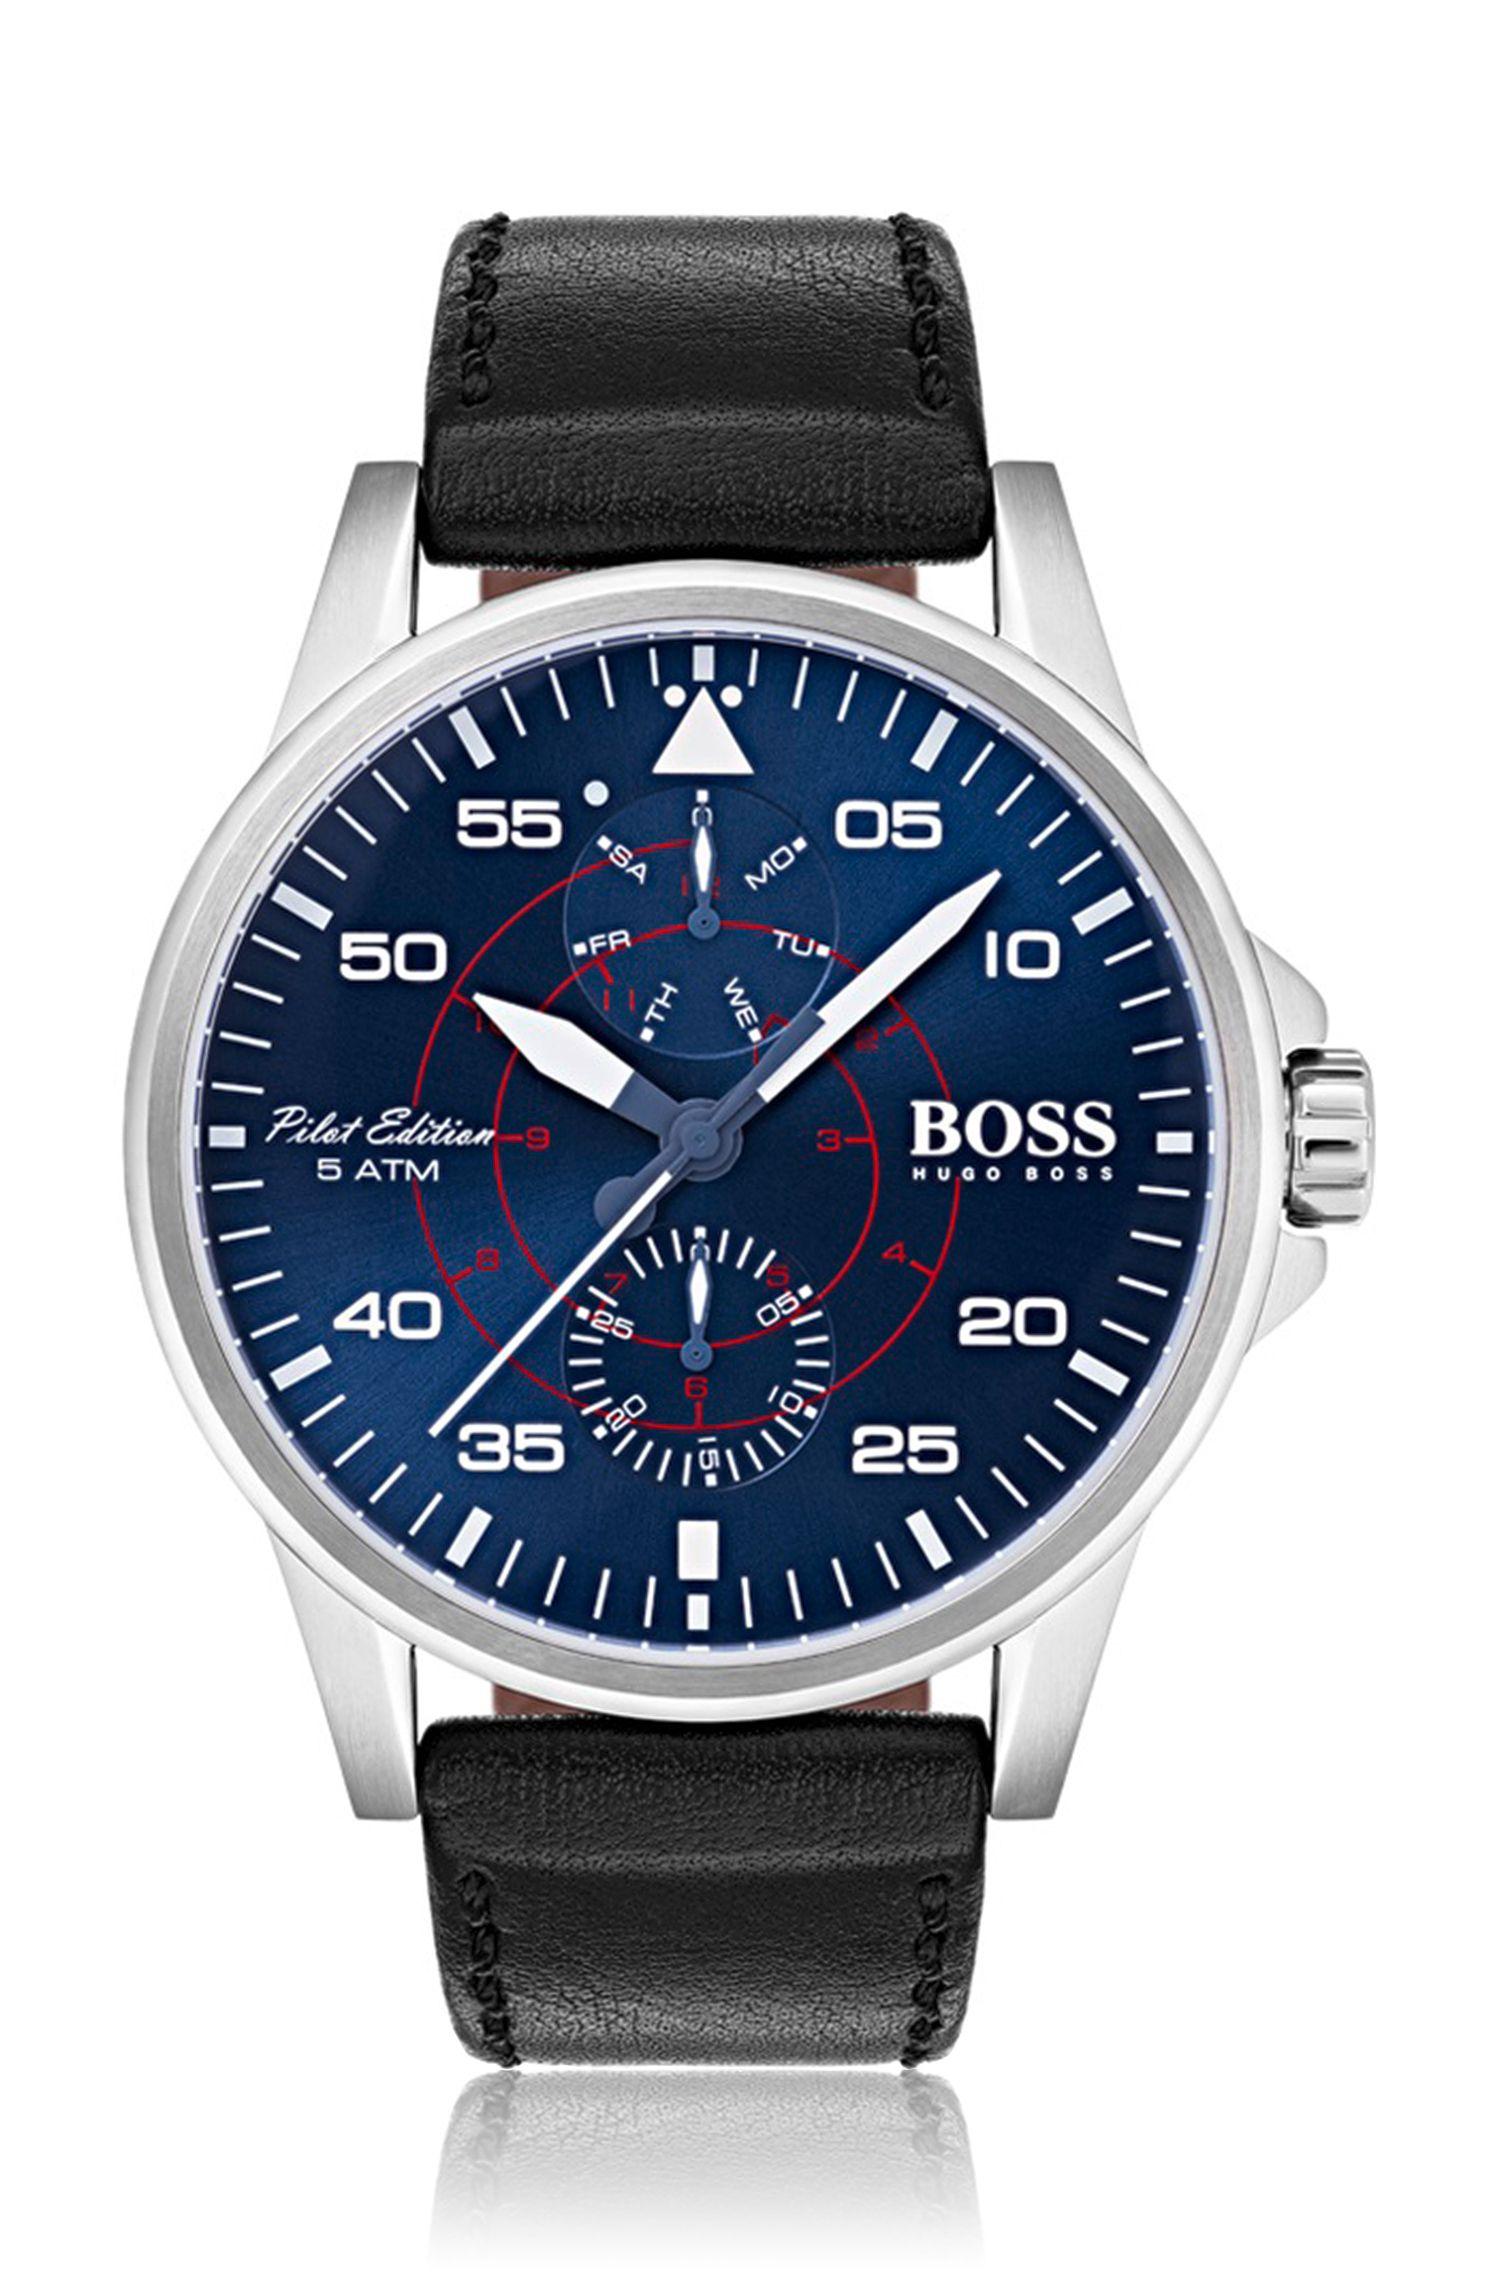 Uhr mit Vachetteleder-Armband aus der Pilot Edition